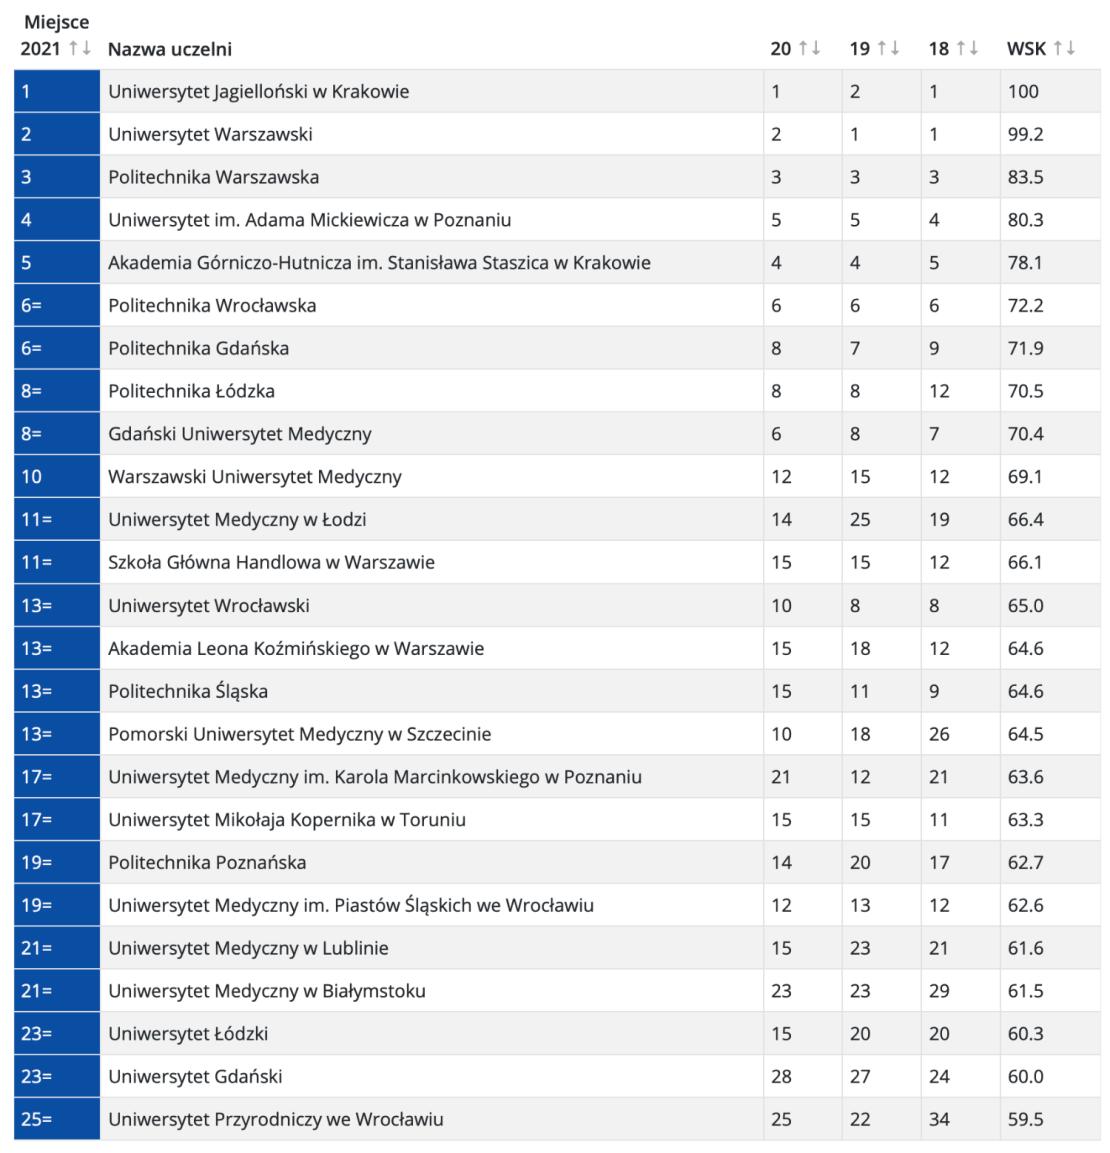 TOP 25 najlepszych uczelni wyższych w Polsce (wg Rankingu Uczelni Wyższych Perspektywy 2021)